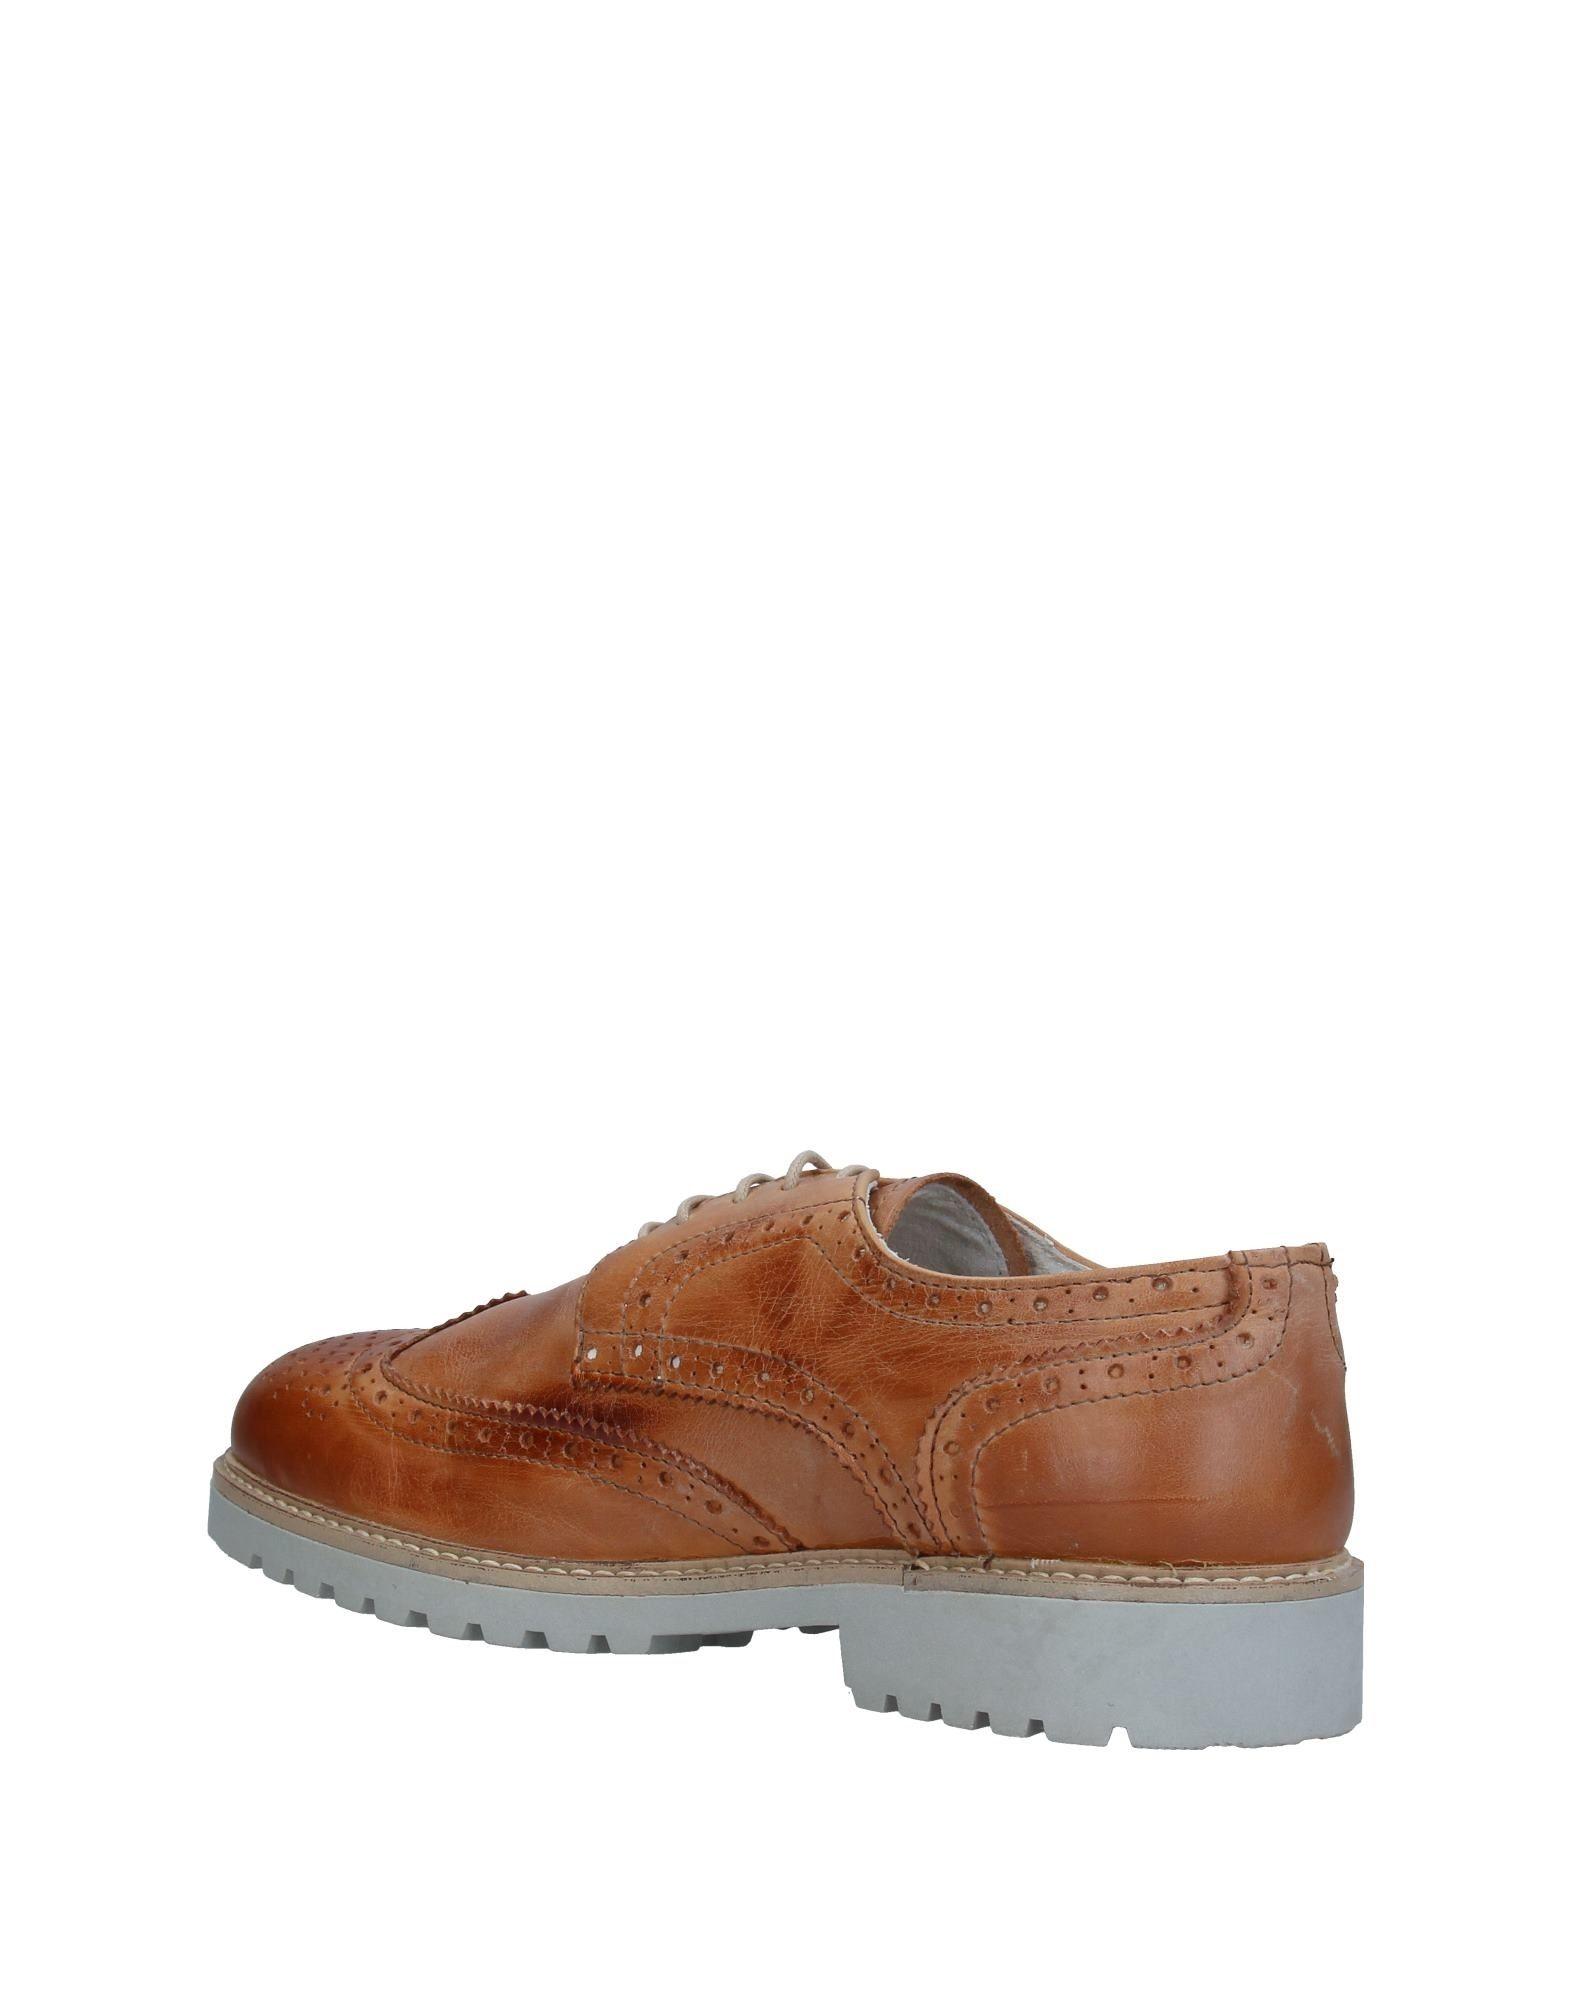 ... Chaussures À Lacets Bage Homme - Chaussures À Lacets Bage sur ...